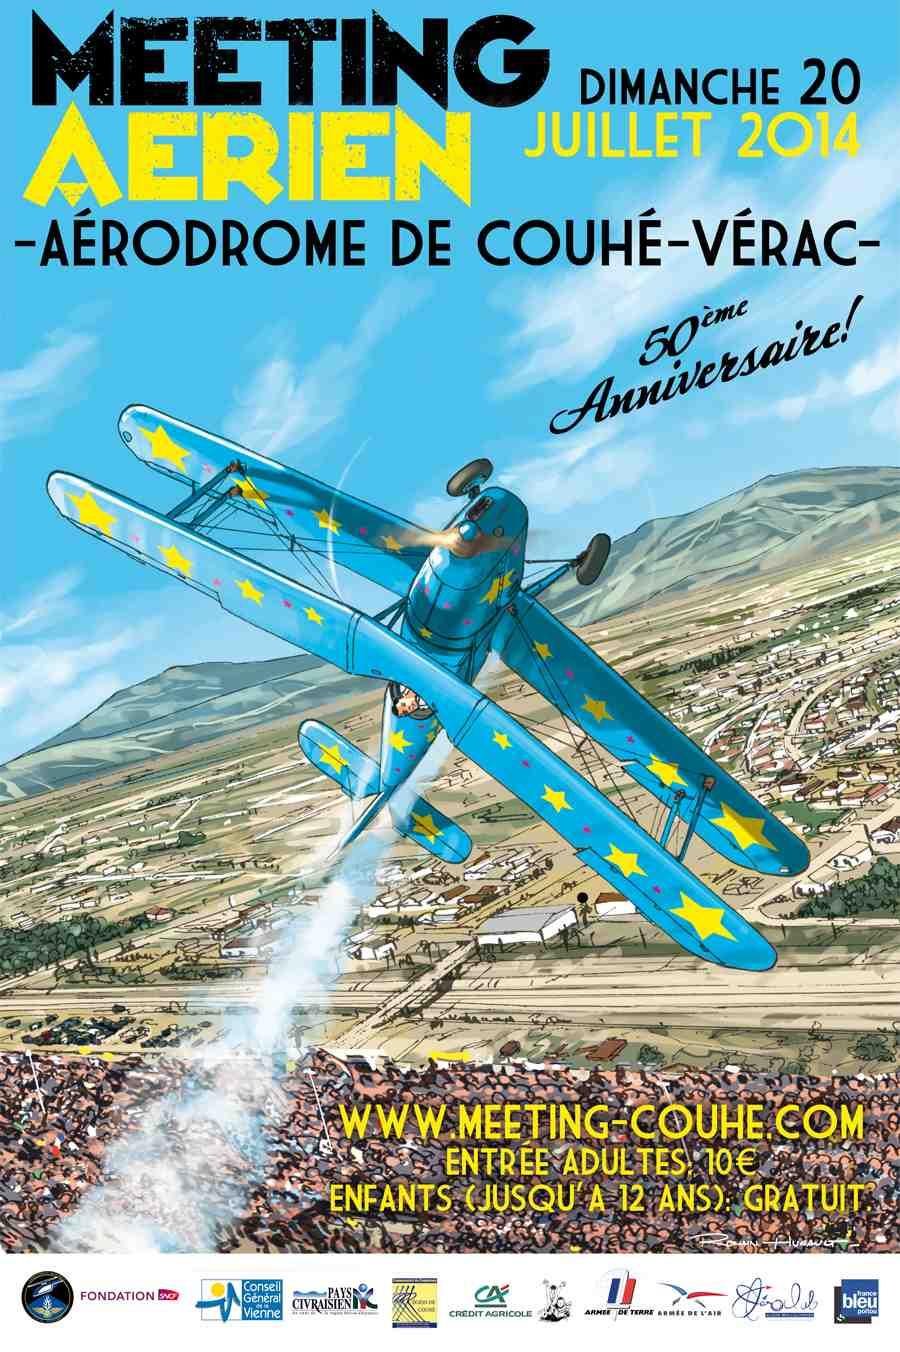 Couhé-Vérac , Meeting Aérien Couhé-Vérac 2014,Manifestation Aerienne 2014, French Airshow 2014